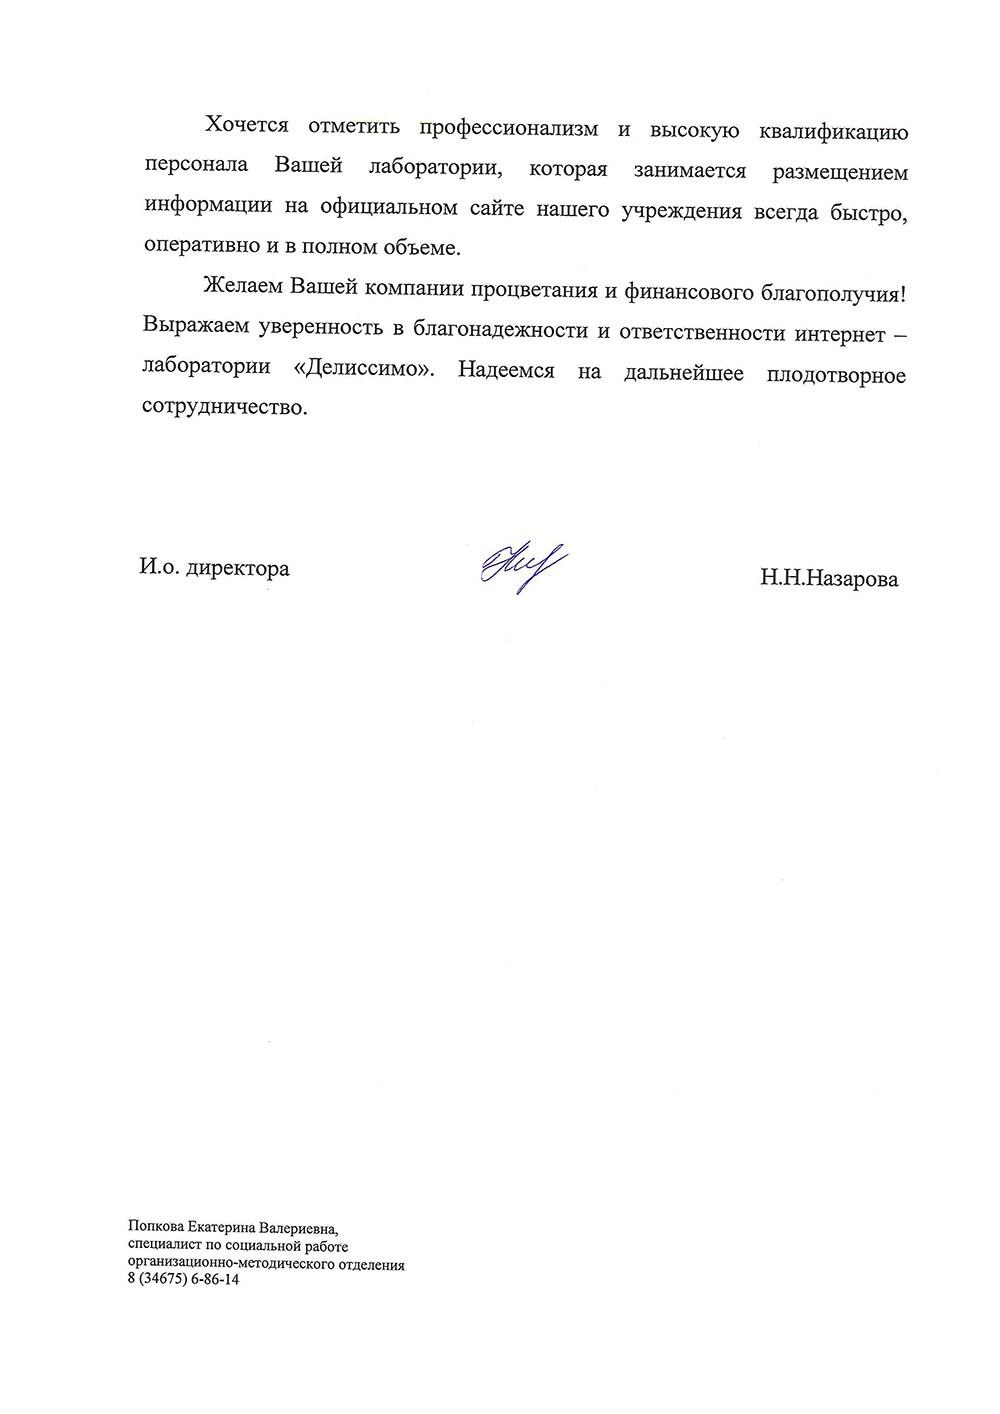 БУ КЦСОН «Сфера», г. Югорск, 2016г. — 2